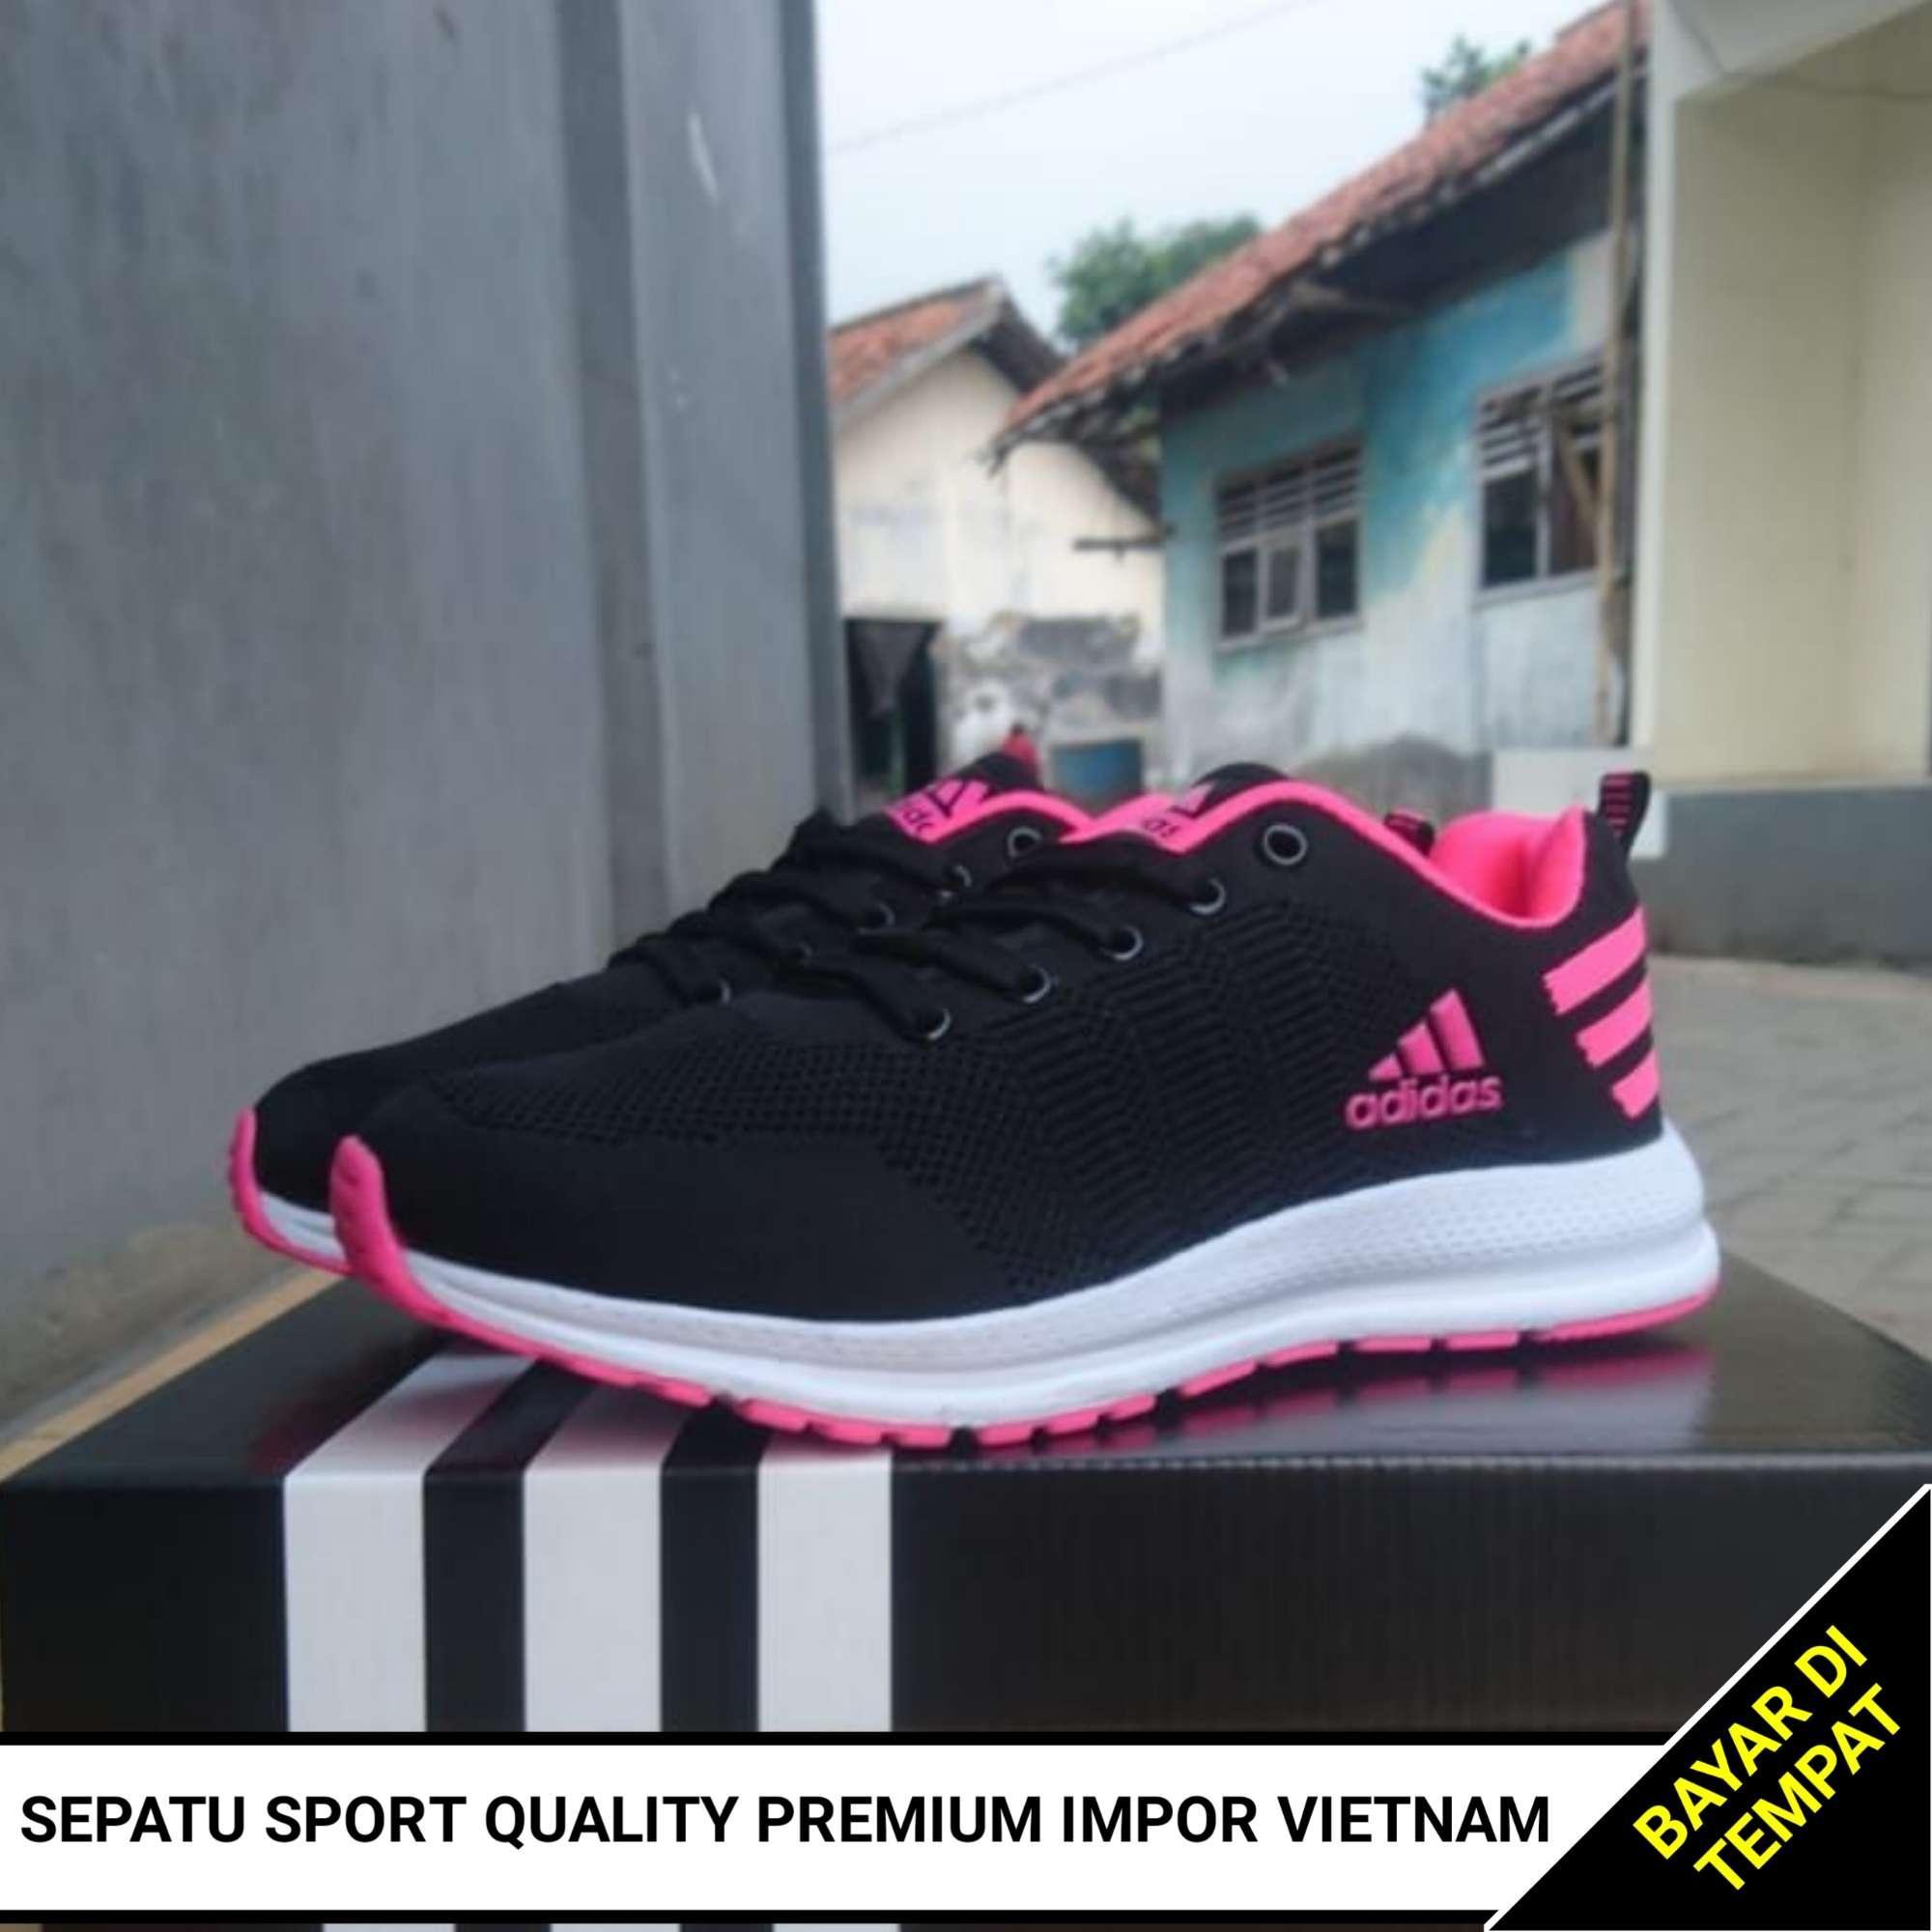 Sepatu Wanita Sport Premium Impor Vietnam